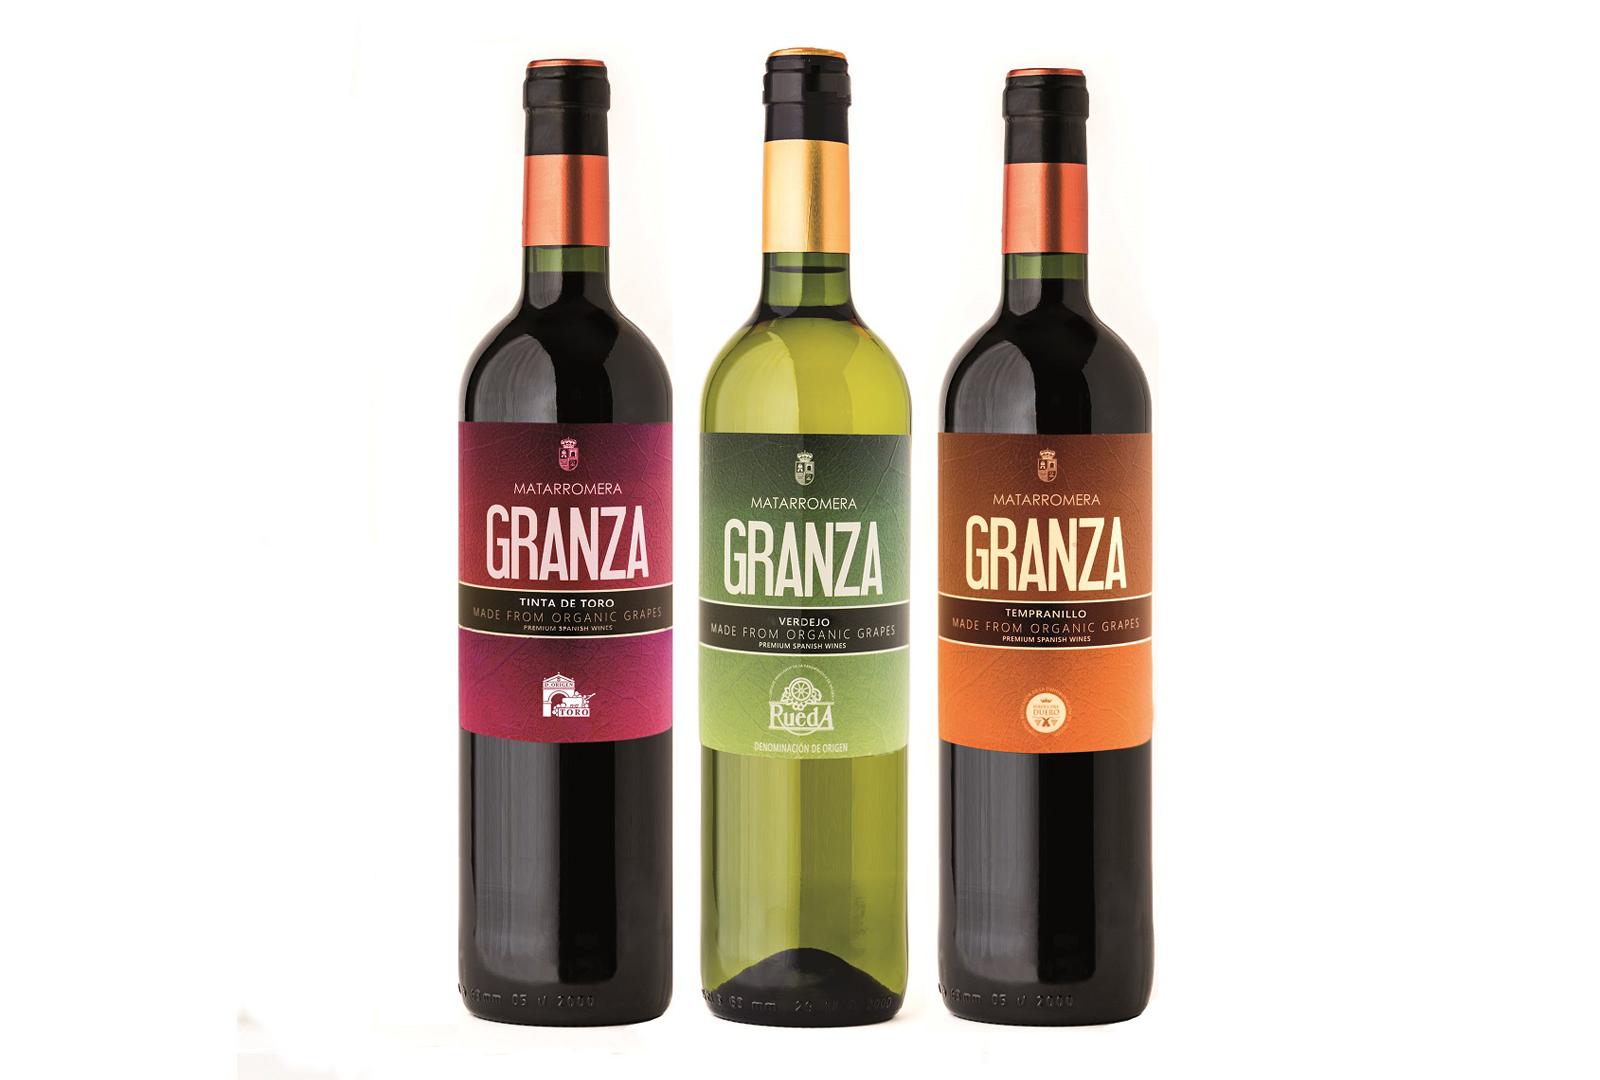 Granza, la nueva línea de vinos ecológicos de Matarromera.